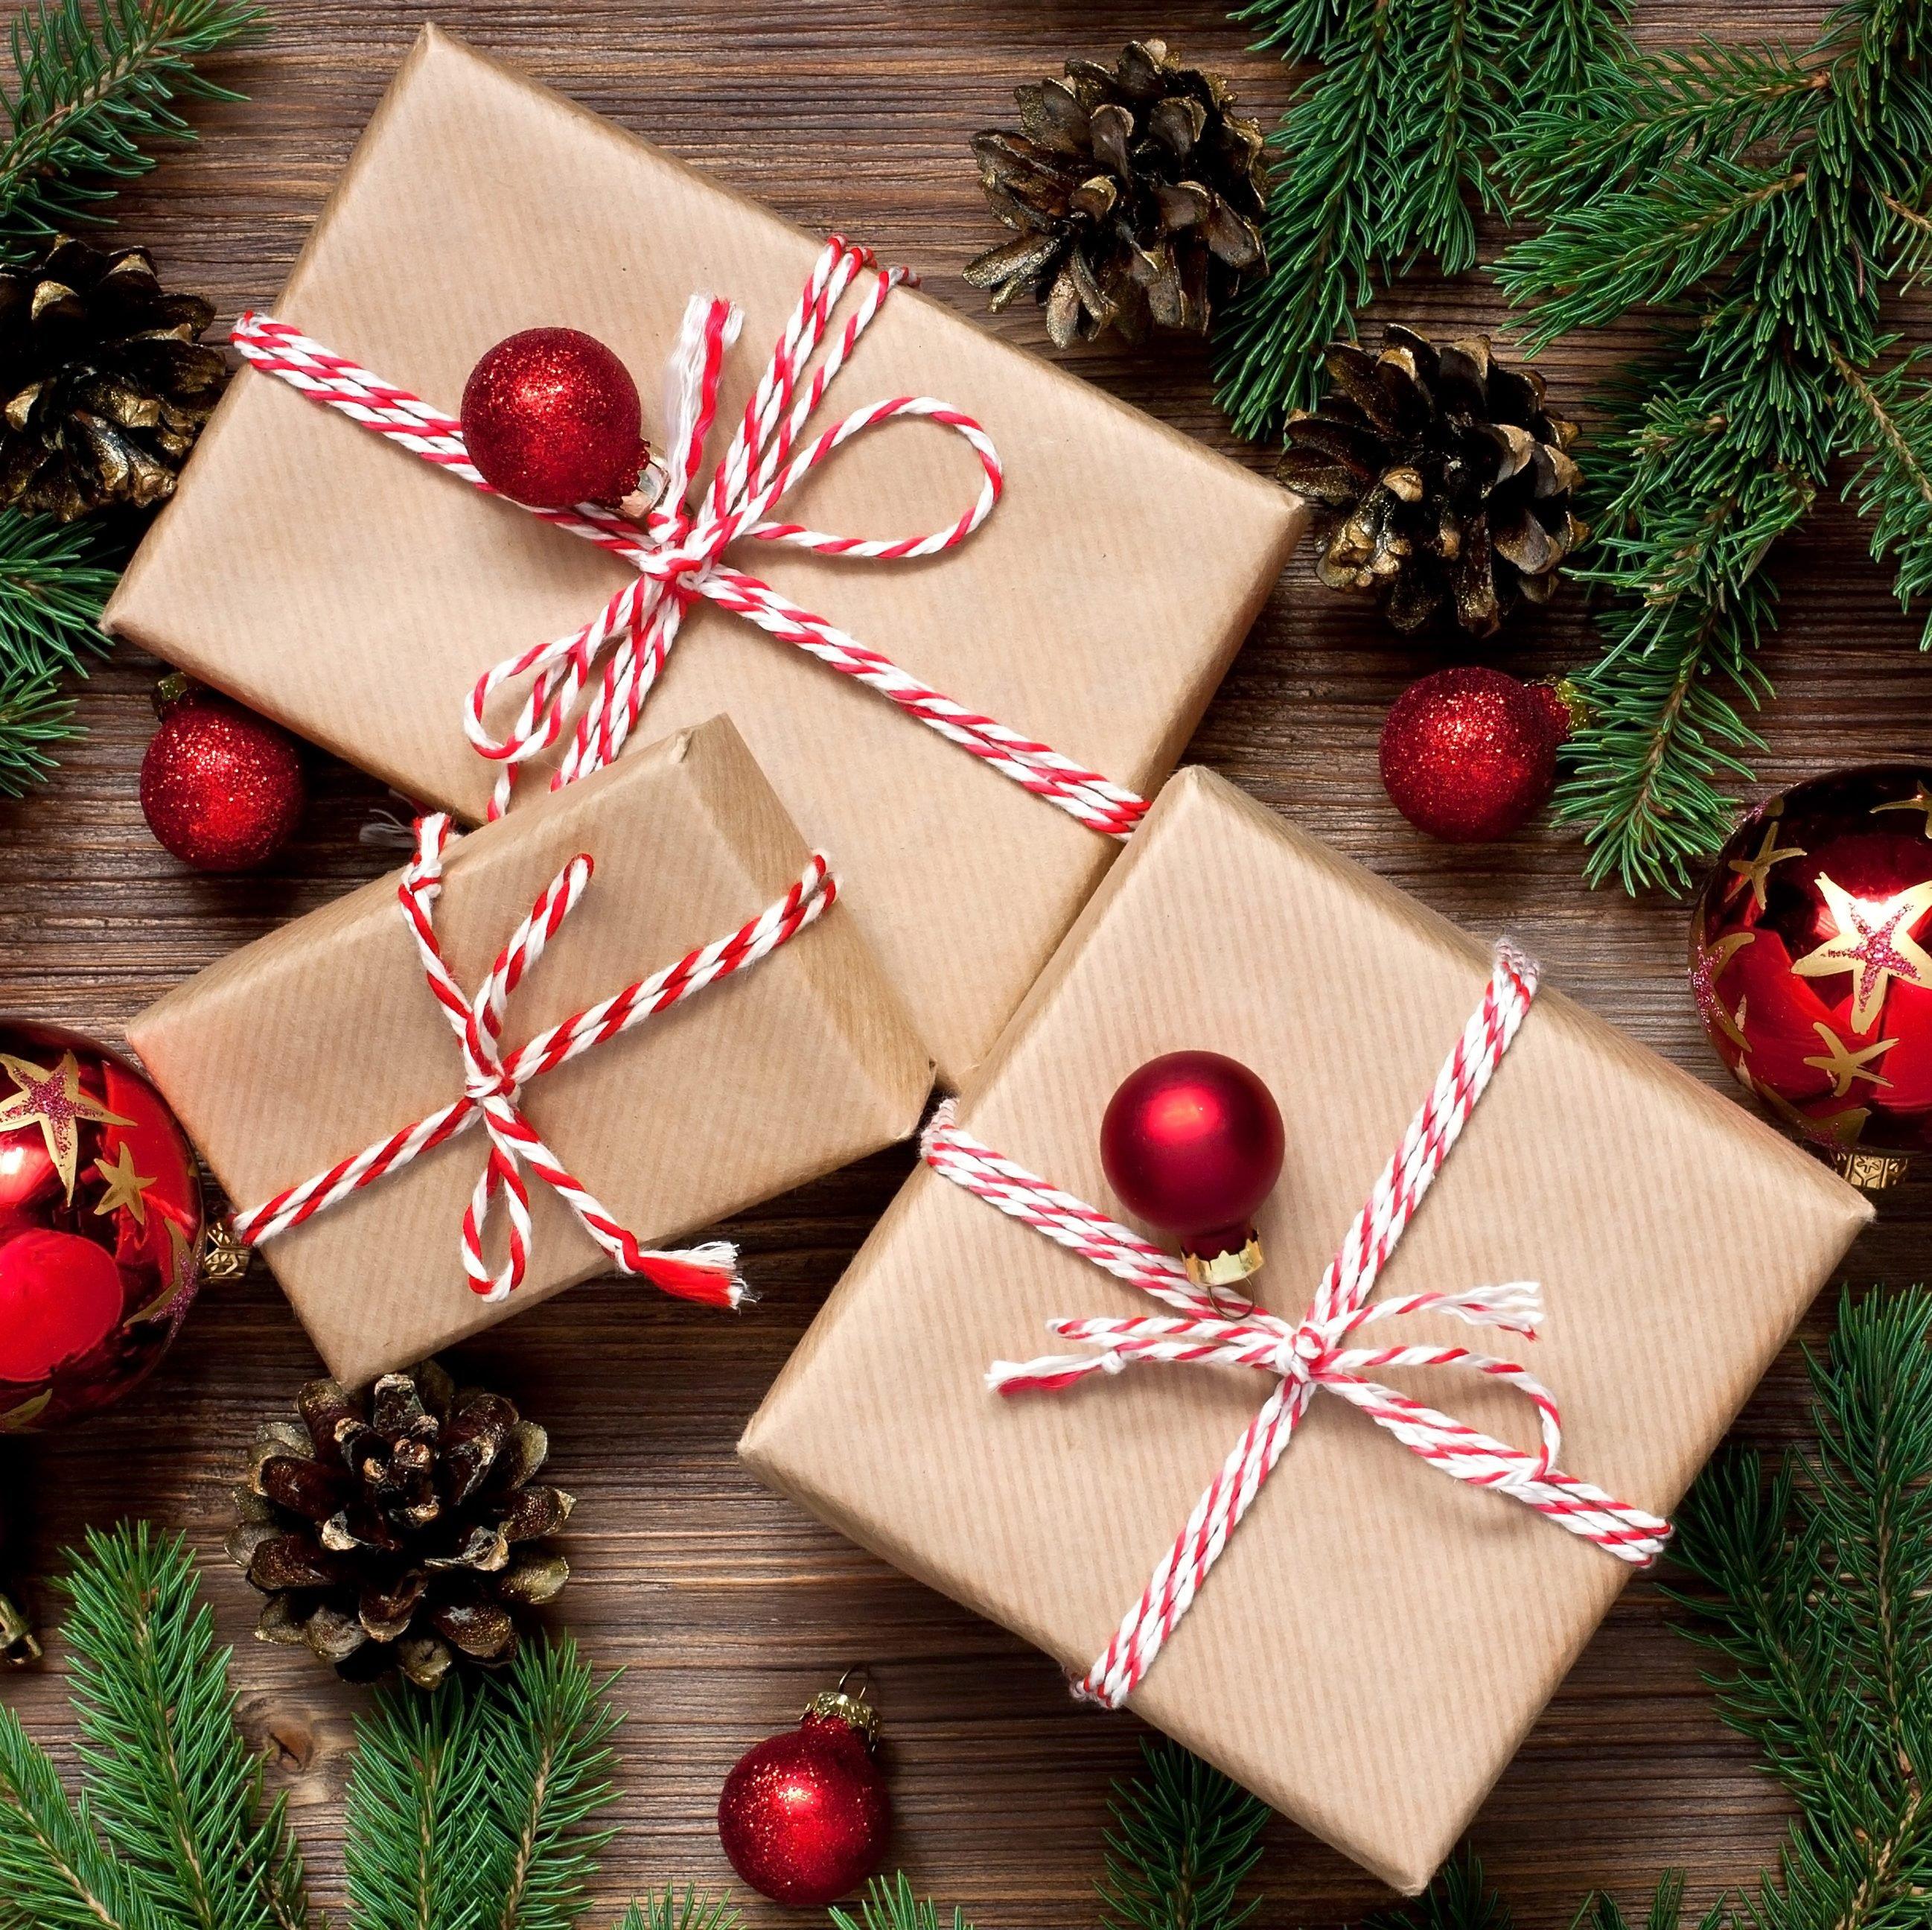 christmas-gifts-e1575571157109